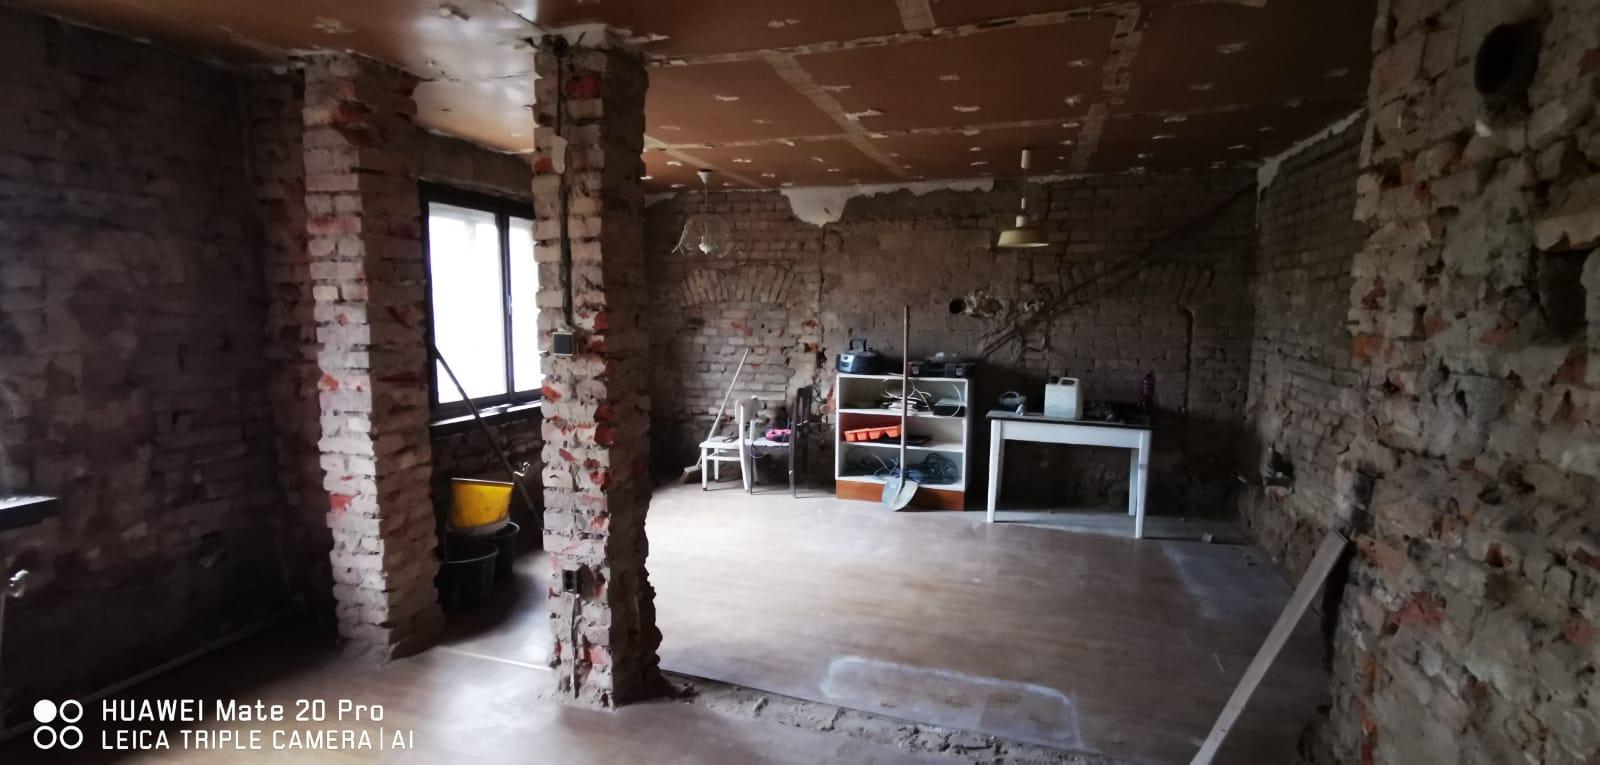 Rekonstrukce domečku ❤️ - Obrázek č. 36